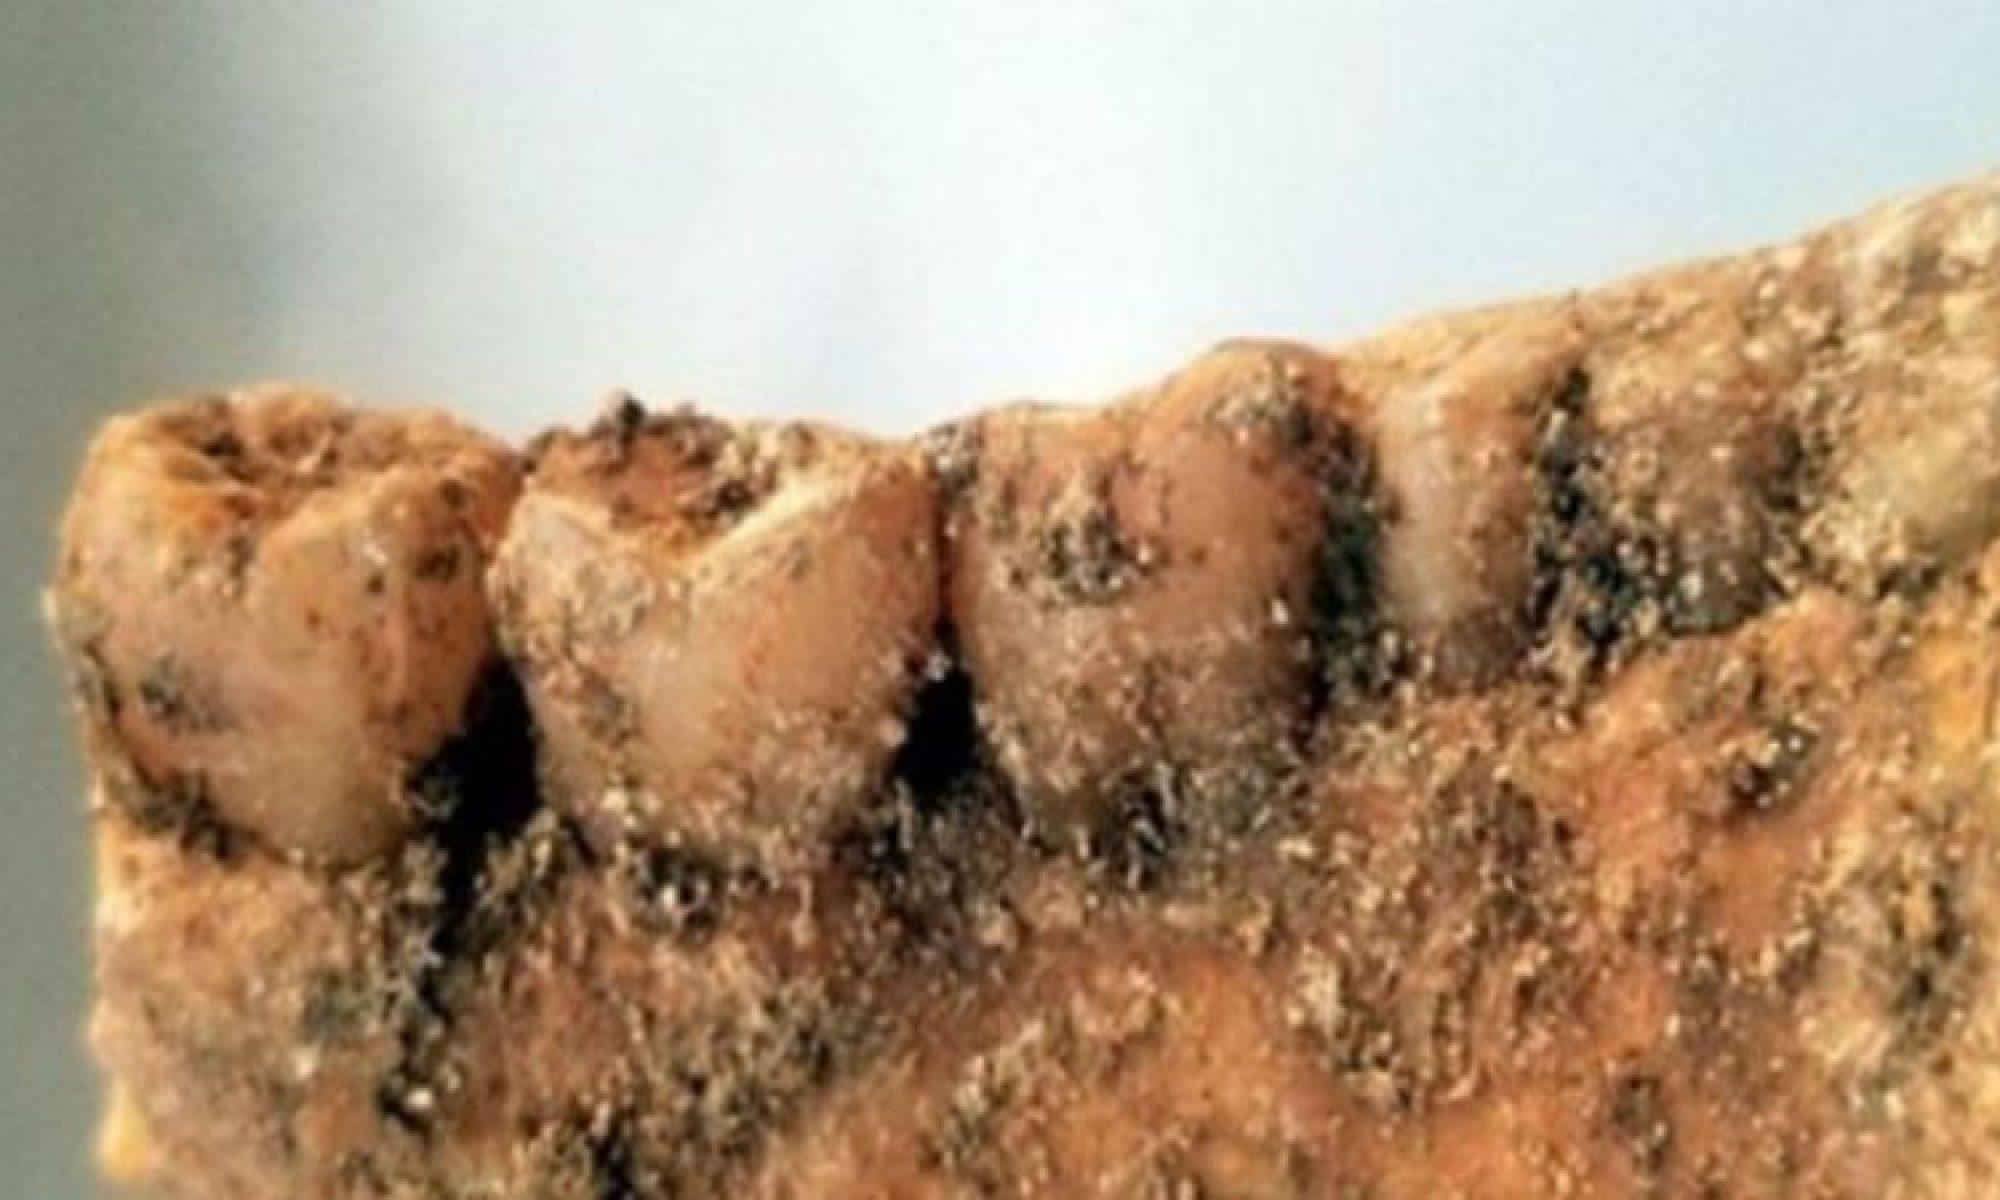 İran: 2300 yıl önce dişlerine implant yapılmış insan iskeletine rastlandı